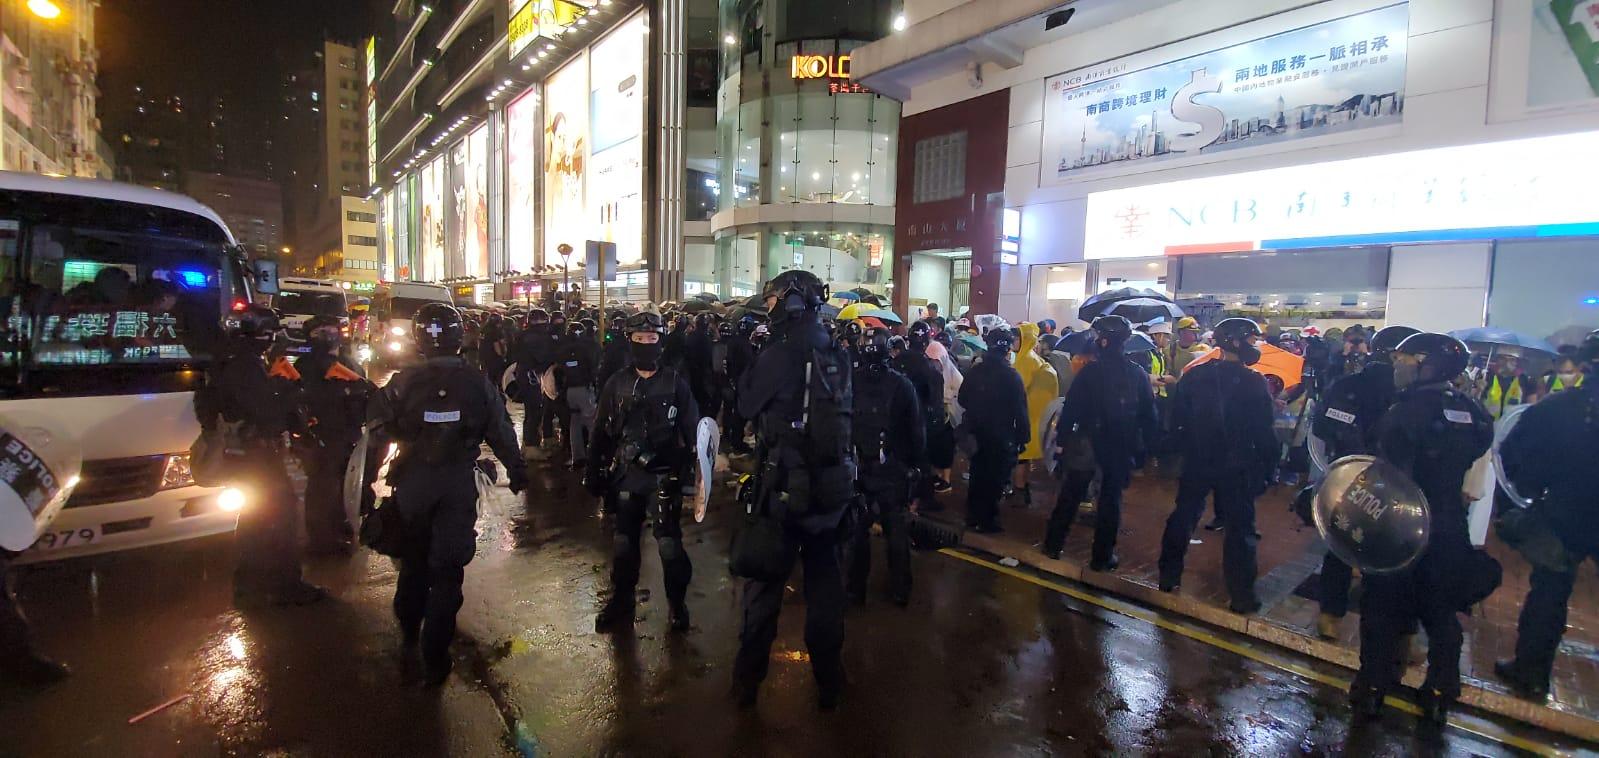 【荃葵青游行】众安街示威者打烂警车车窗 警员遇袭受伤送院